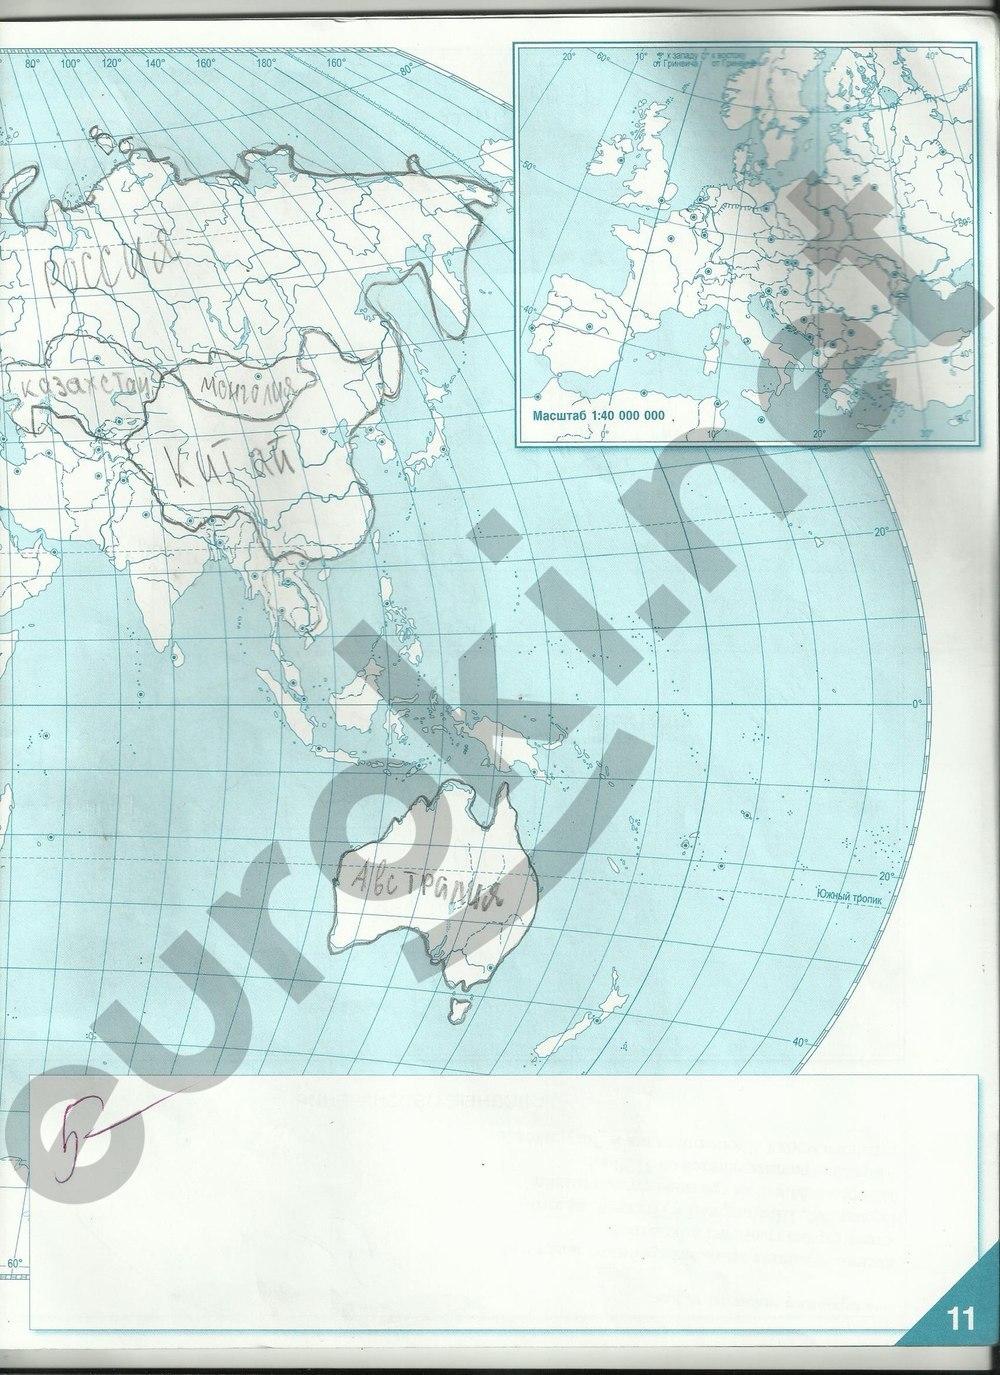 решебник по географии 5 класса школы номер 8 контурные карты